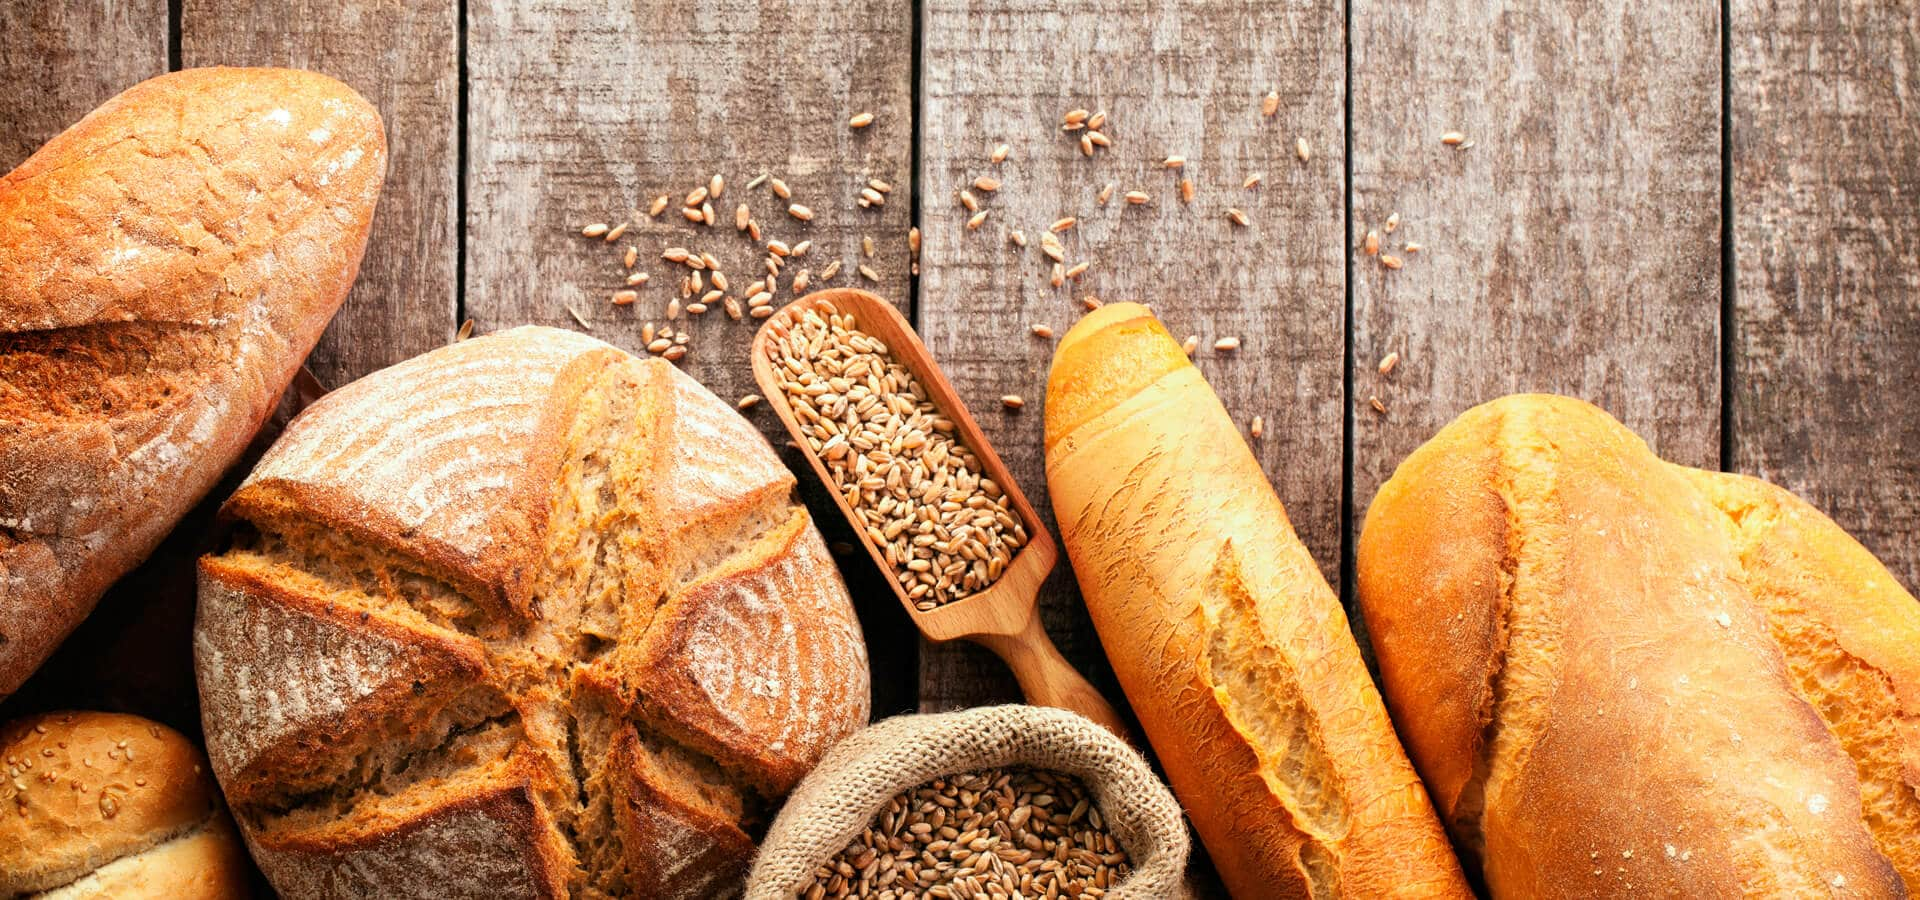 گلوتن چیست؟ 10 شایعه نادرست و متداول درباره مضرات گلوتن و چاقی